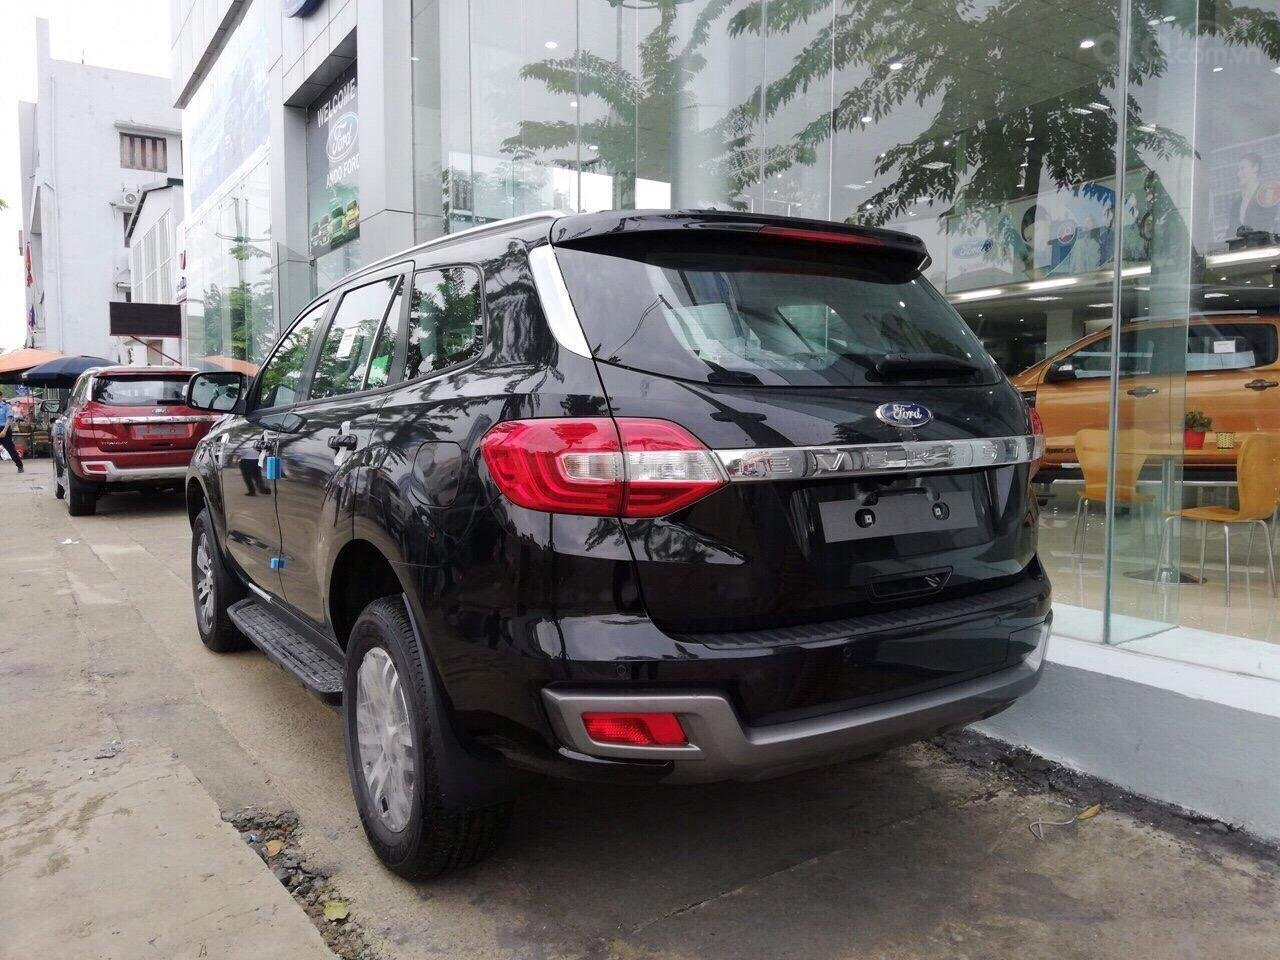 Ford Everest 2.0 nhập nguyên chiếc, đủ các bản giao xe ngay tháng 1 năm 2019, giá chỉ từ 999tr. LH 0974286009-0